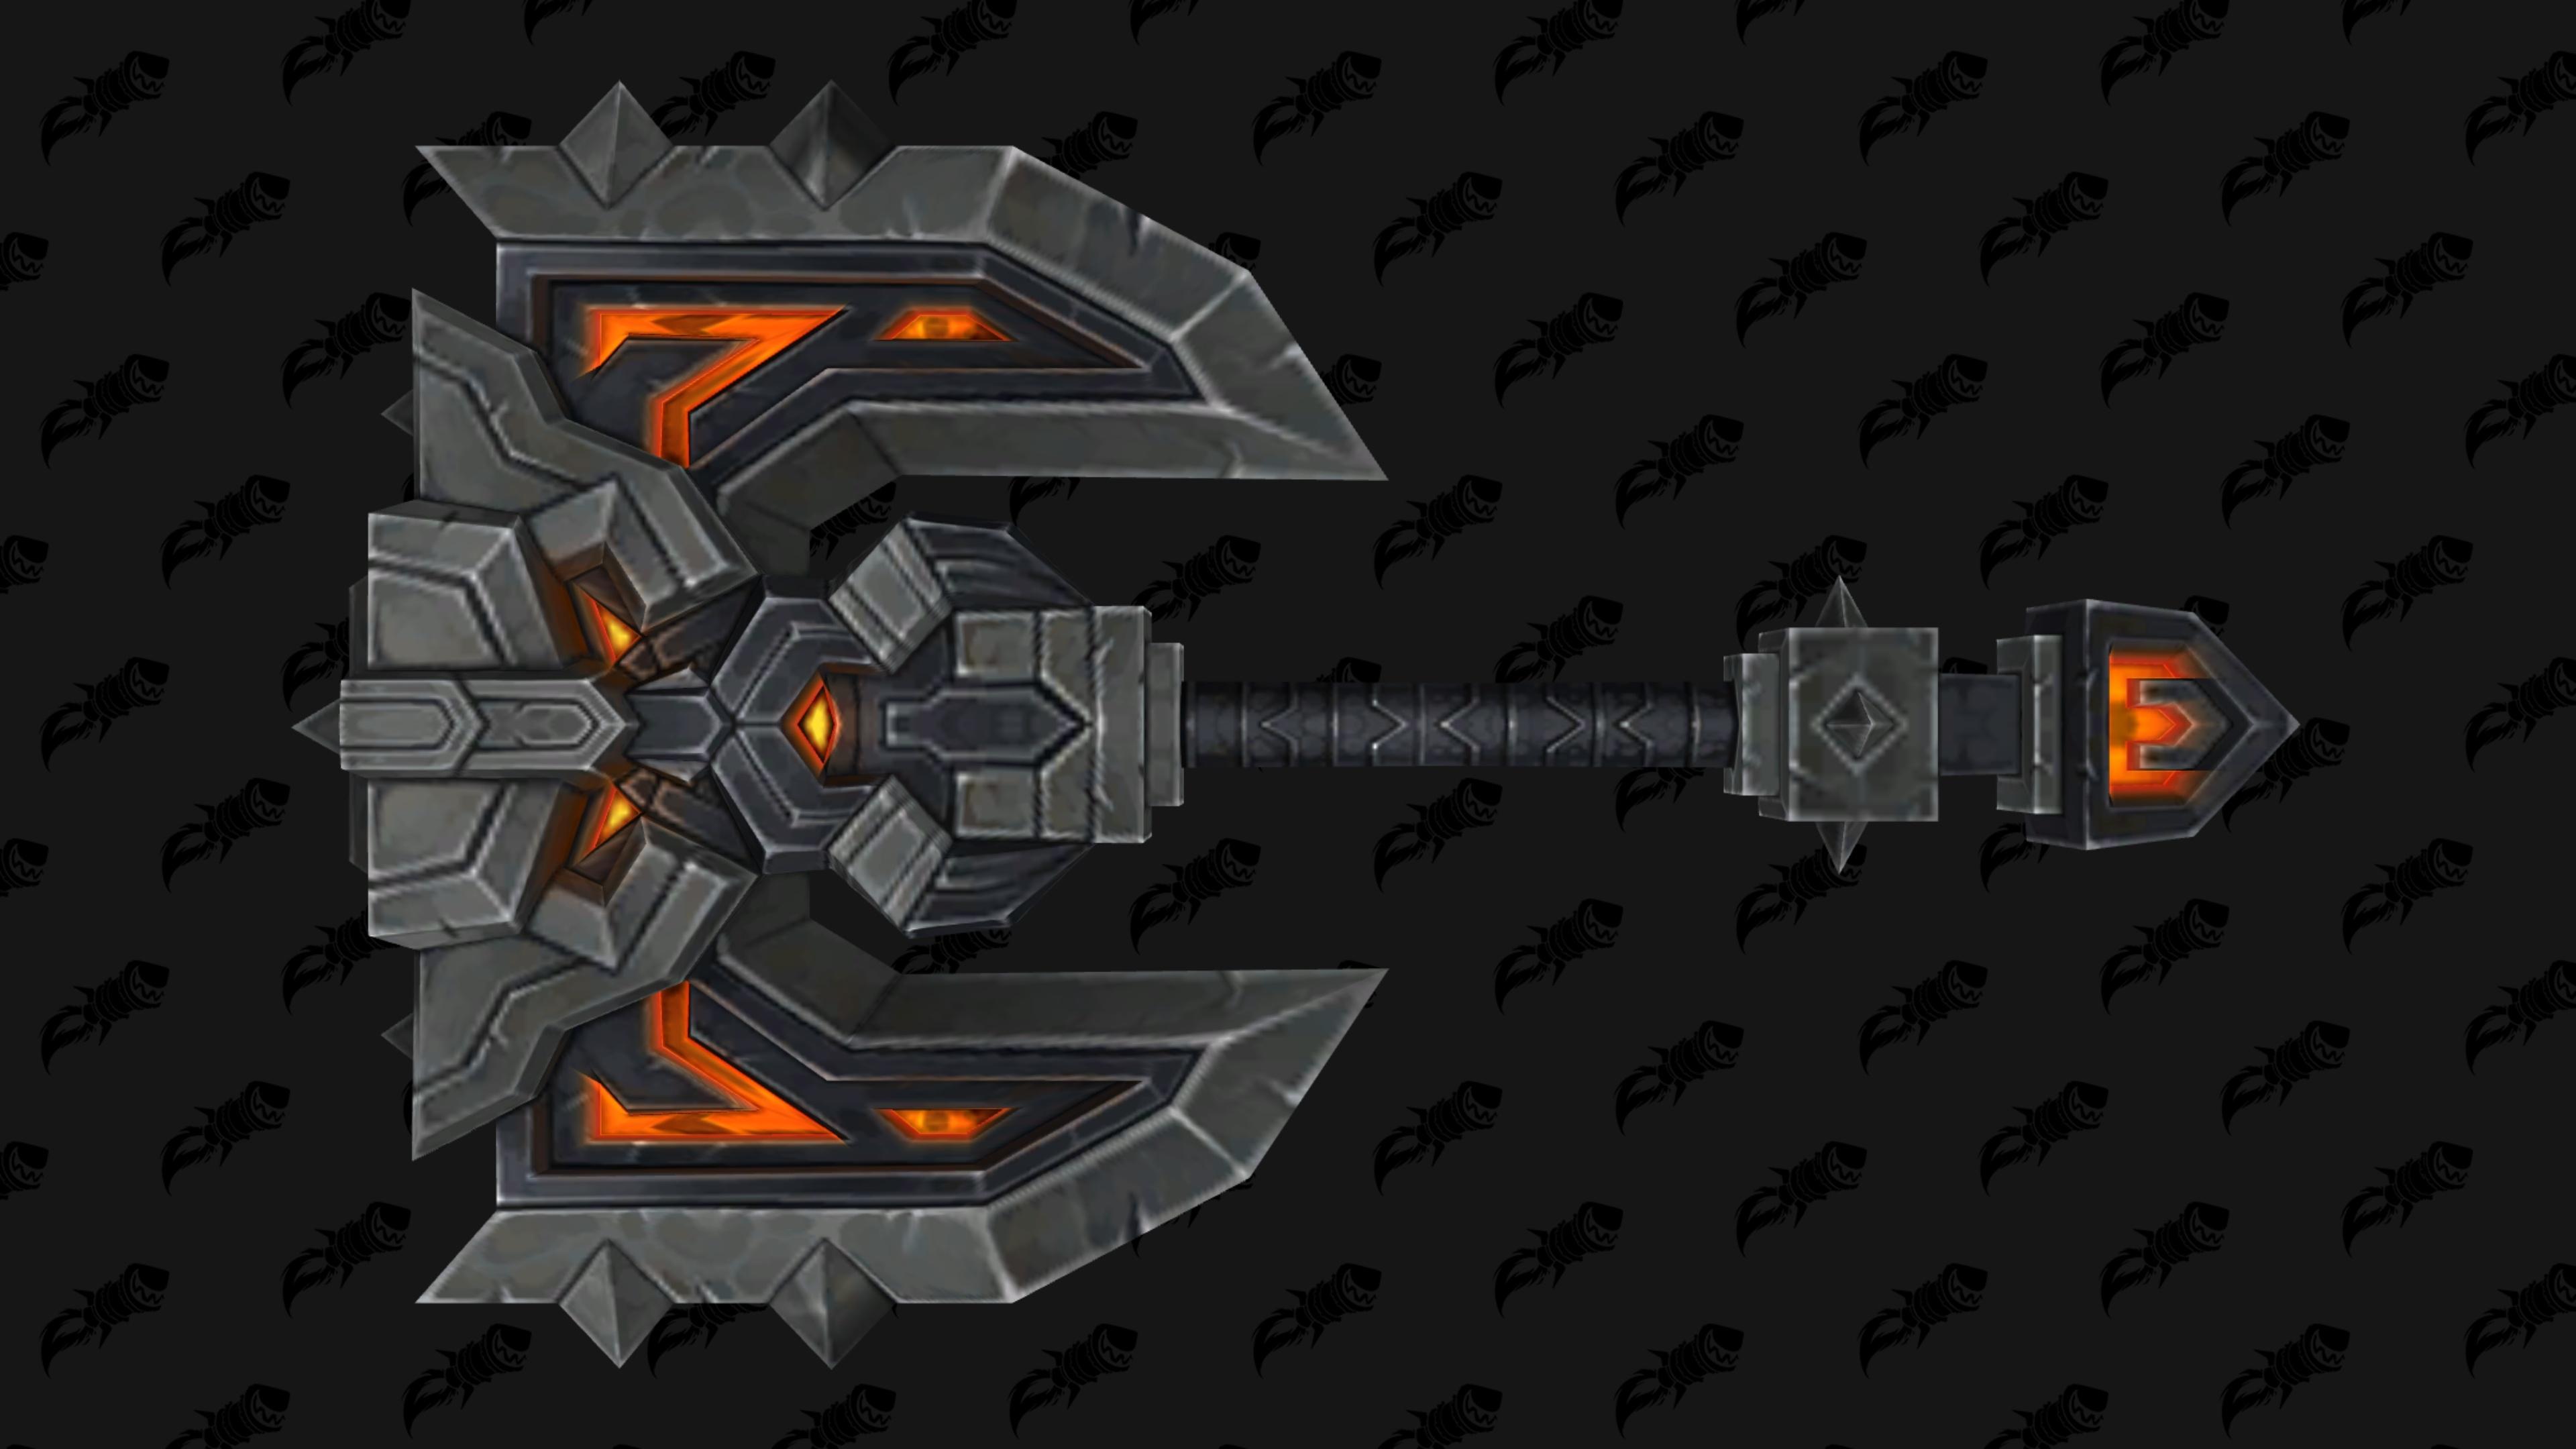 Une nouvelle arme a pu être dataminée dans Battle for Azeroth